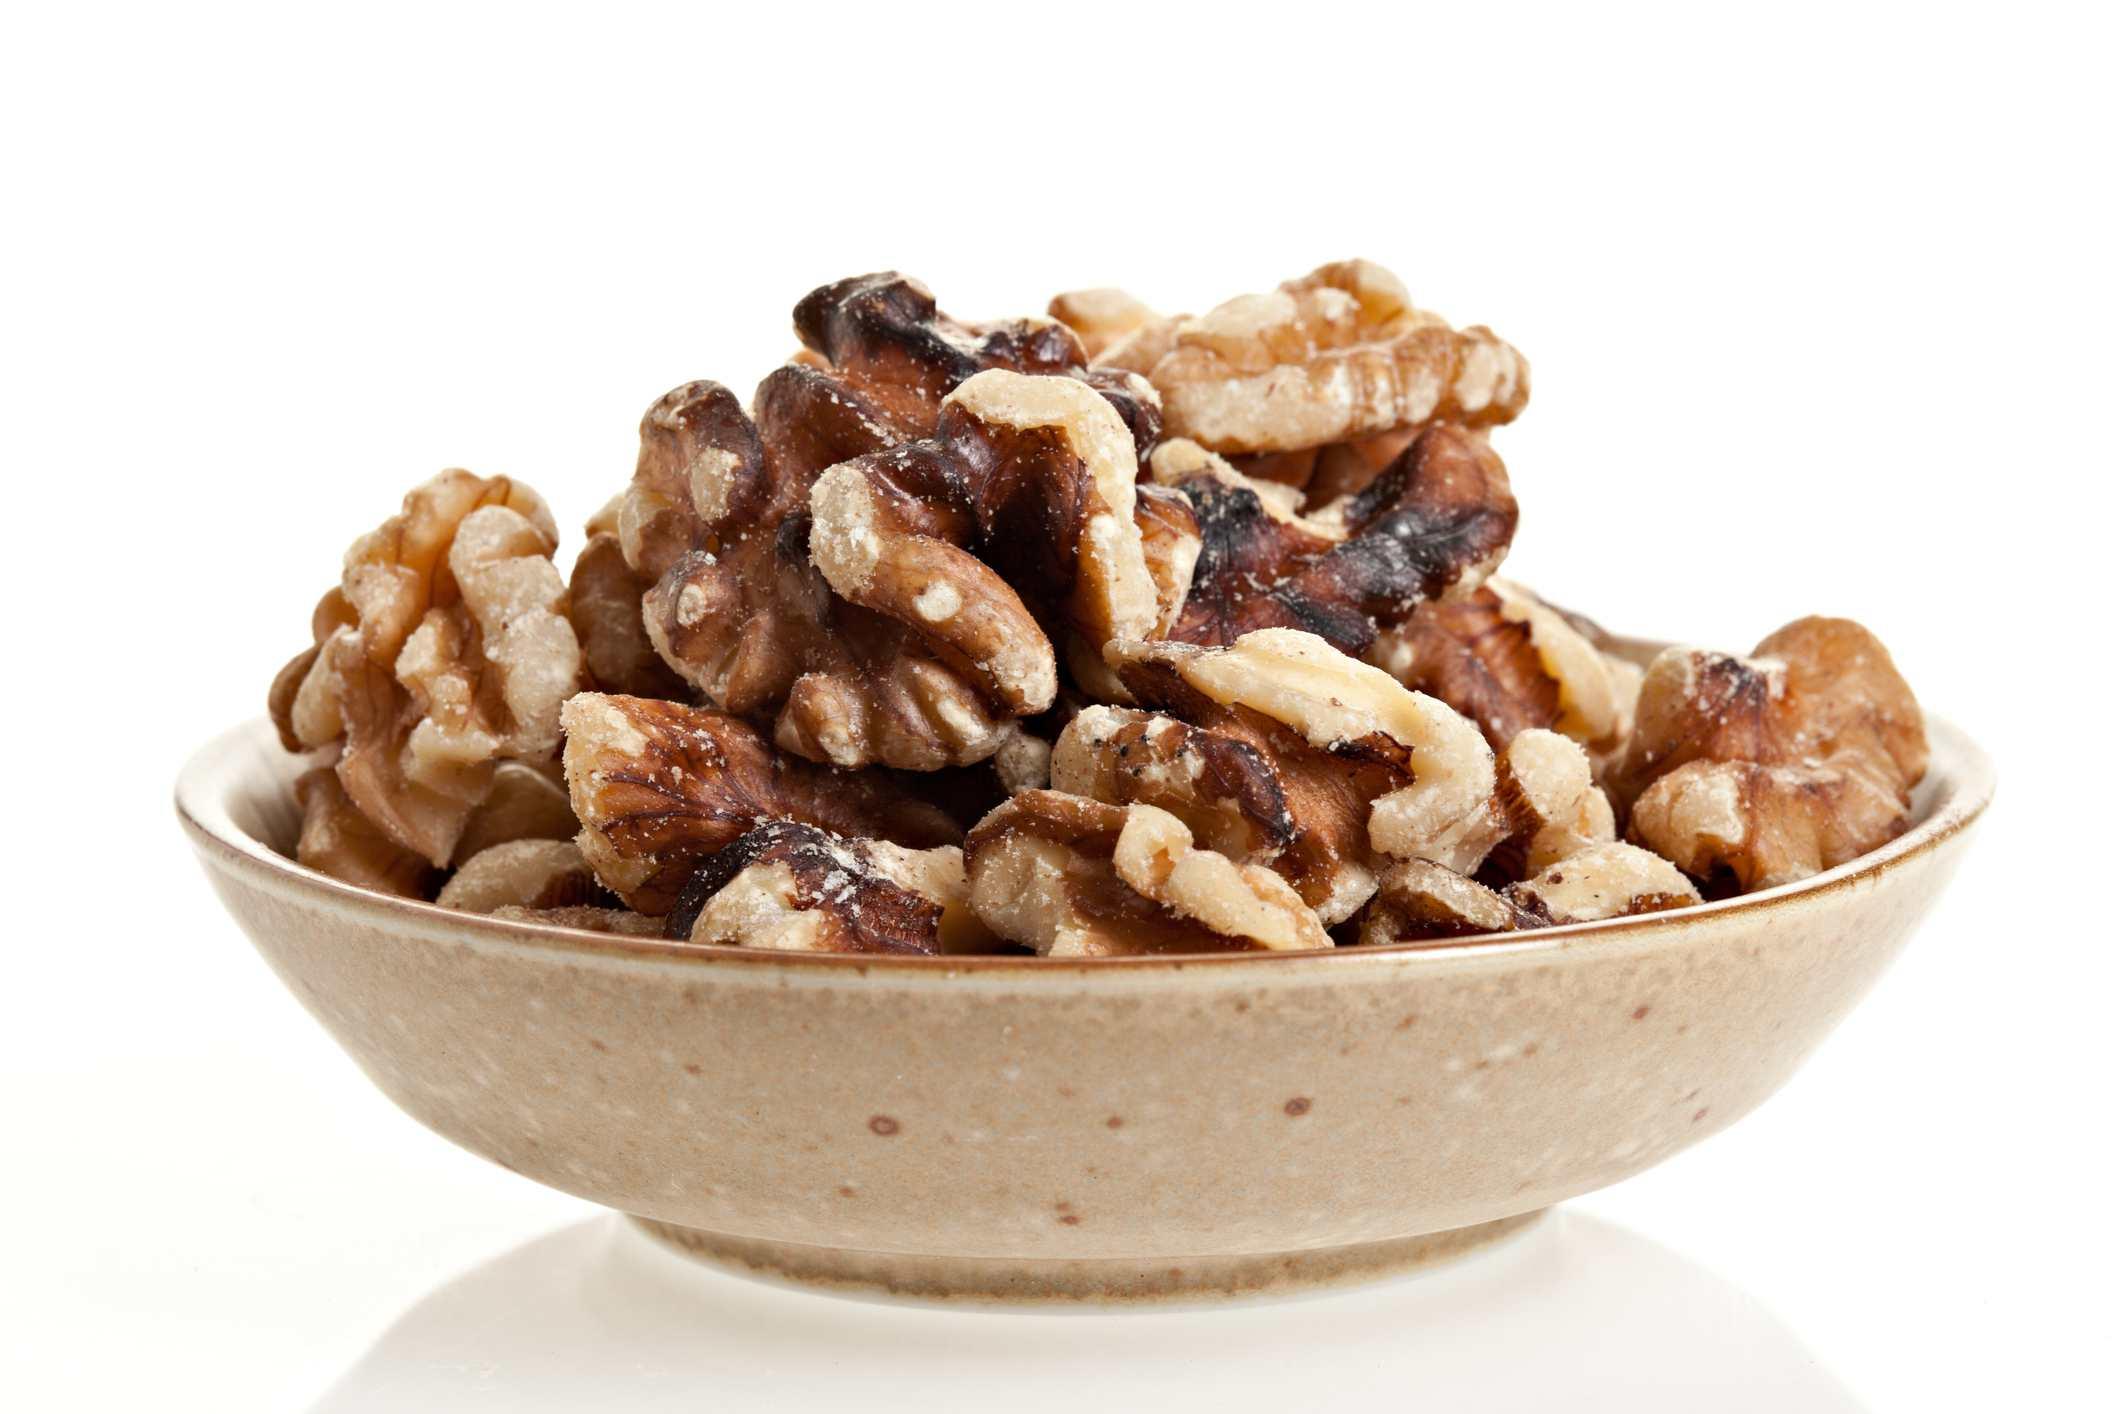 Shelled Black Walnuts